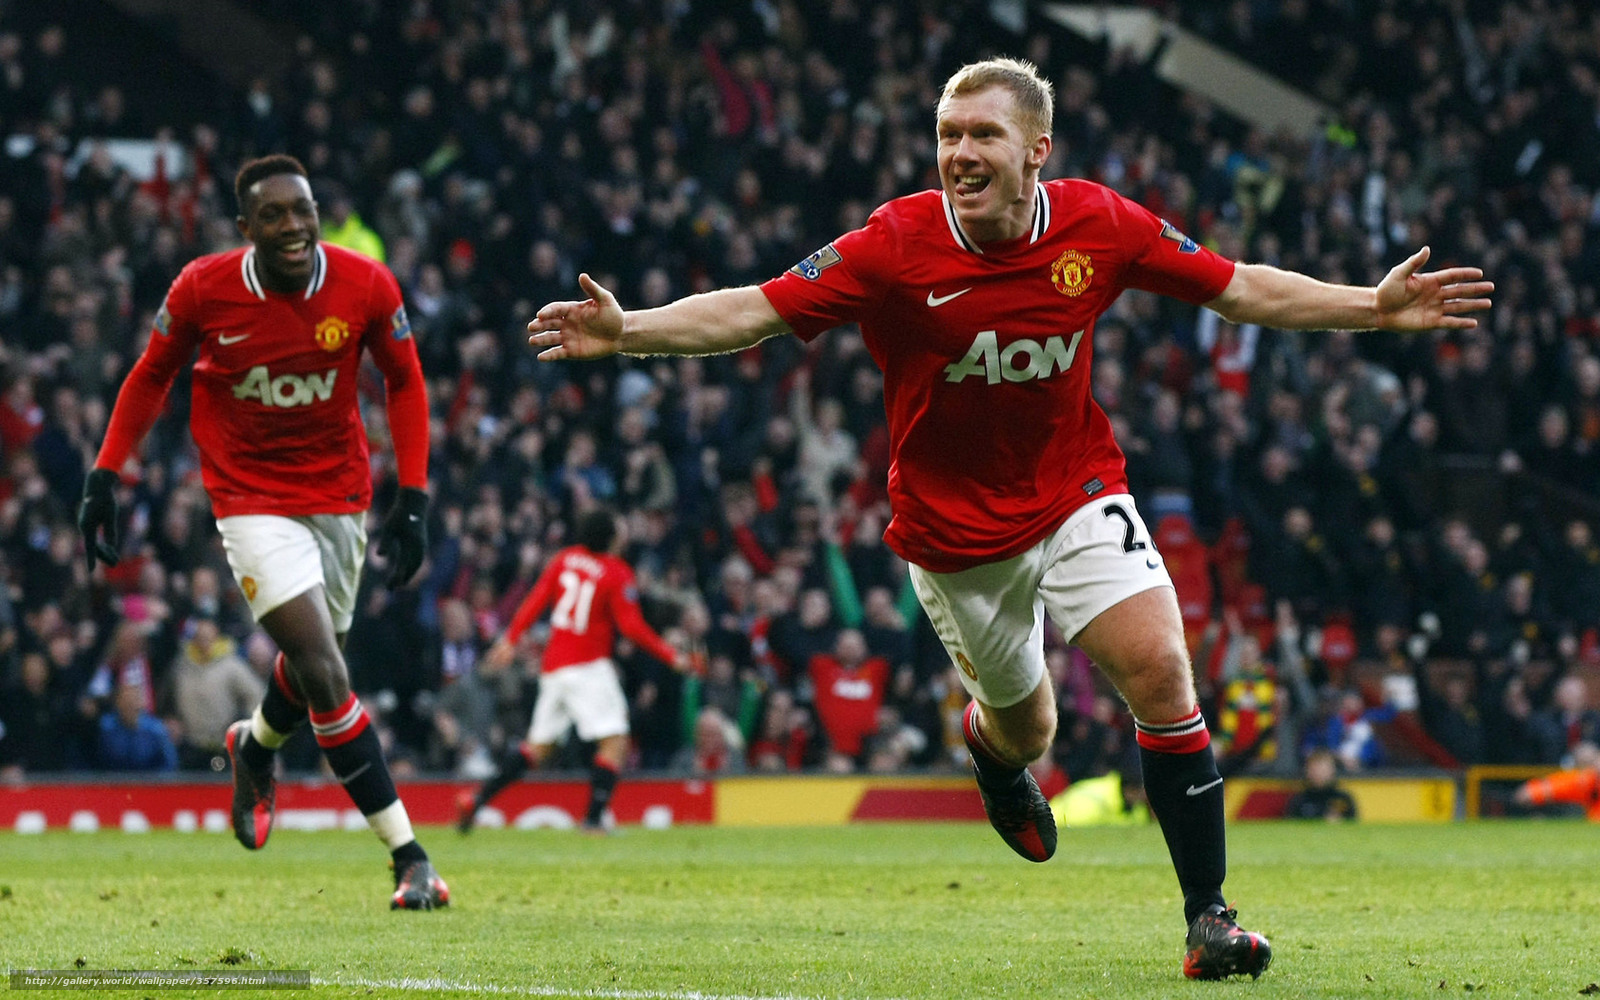 Tlcharger fond d 39 ecran football manchester united mu for Bureau gallery manchester